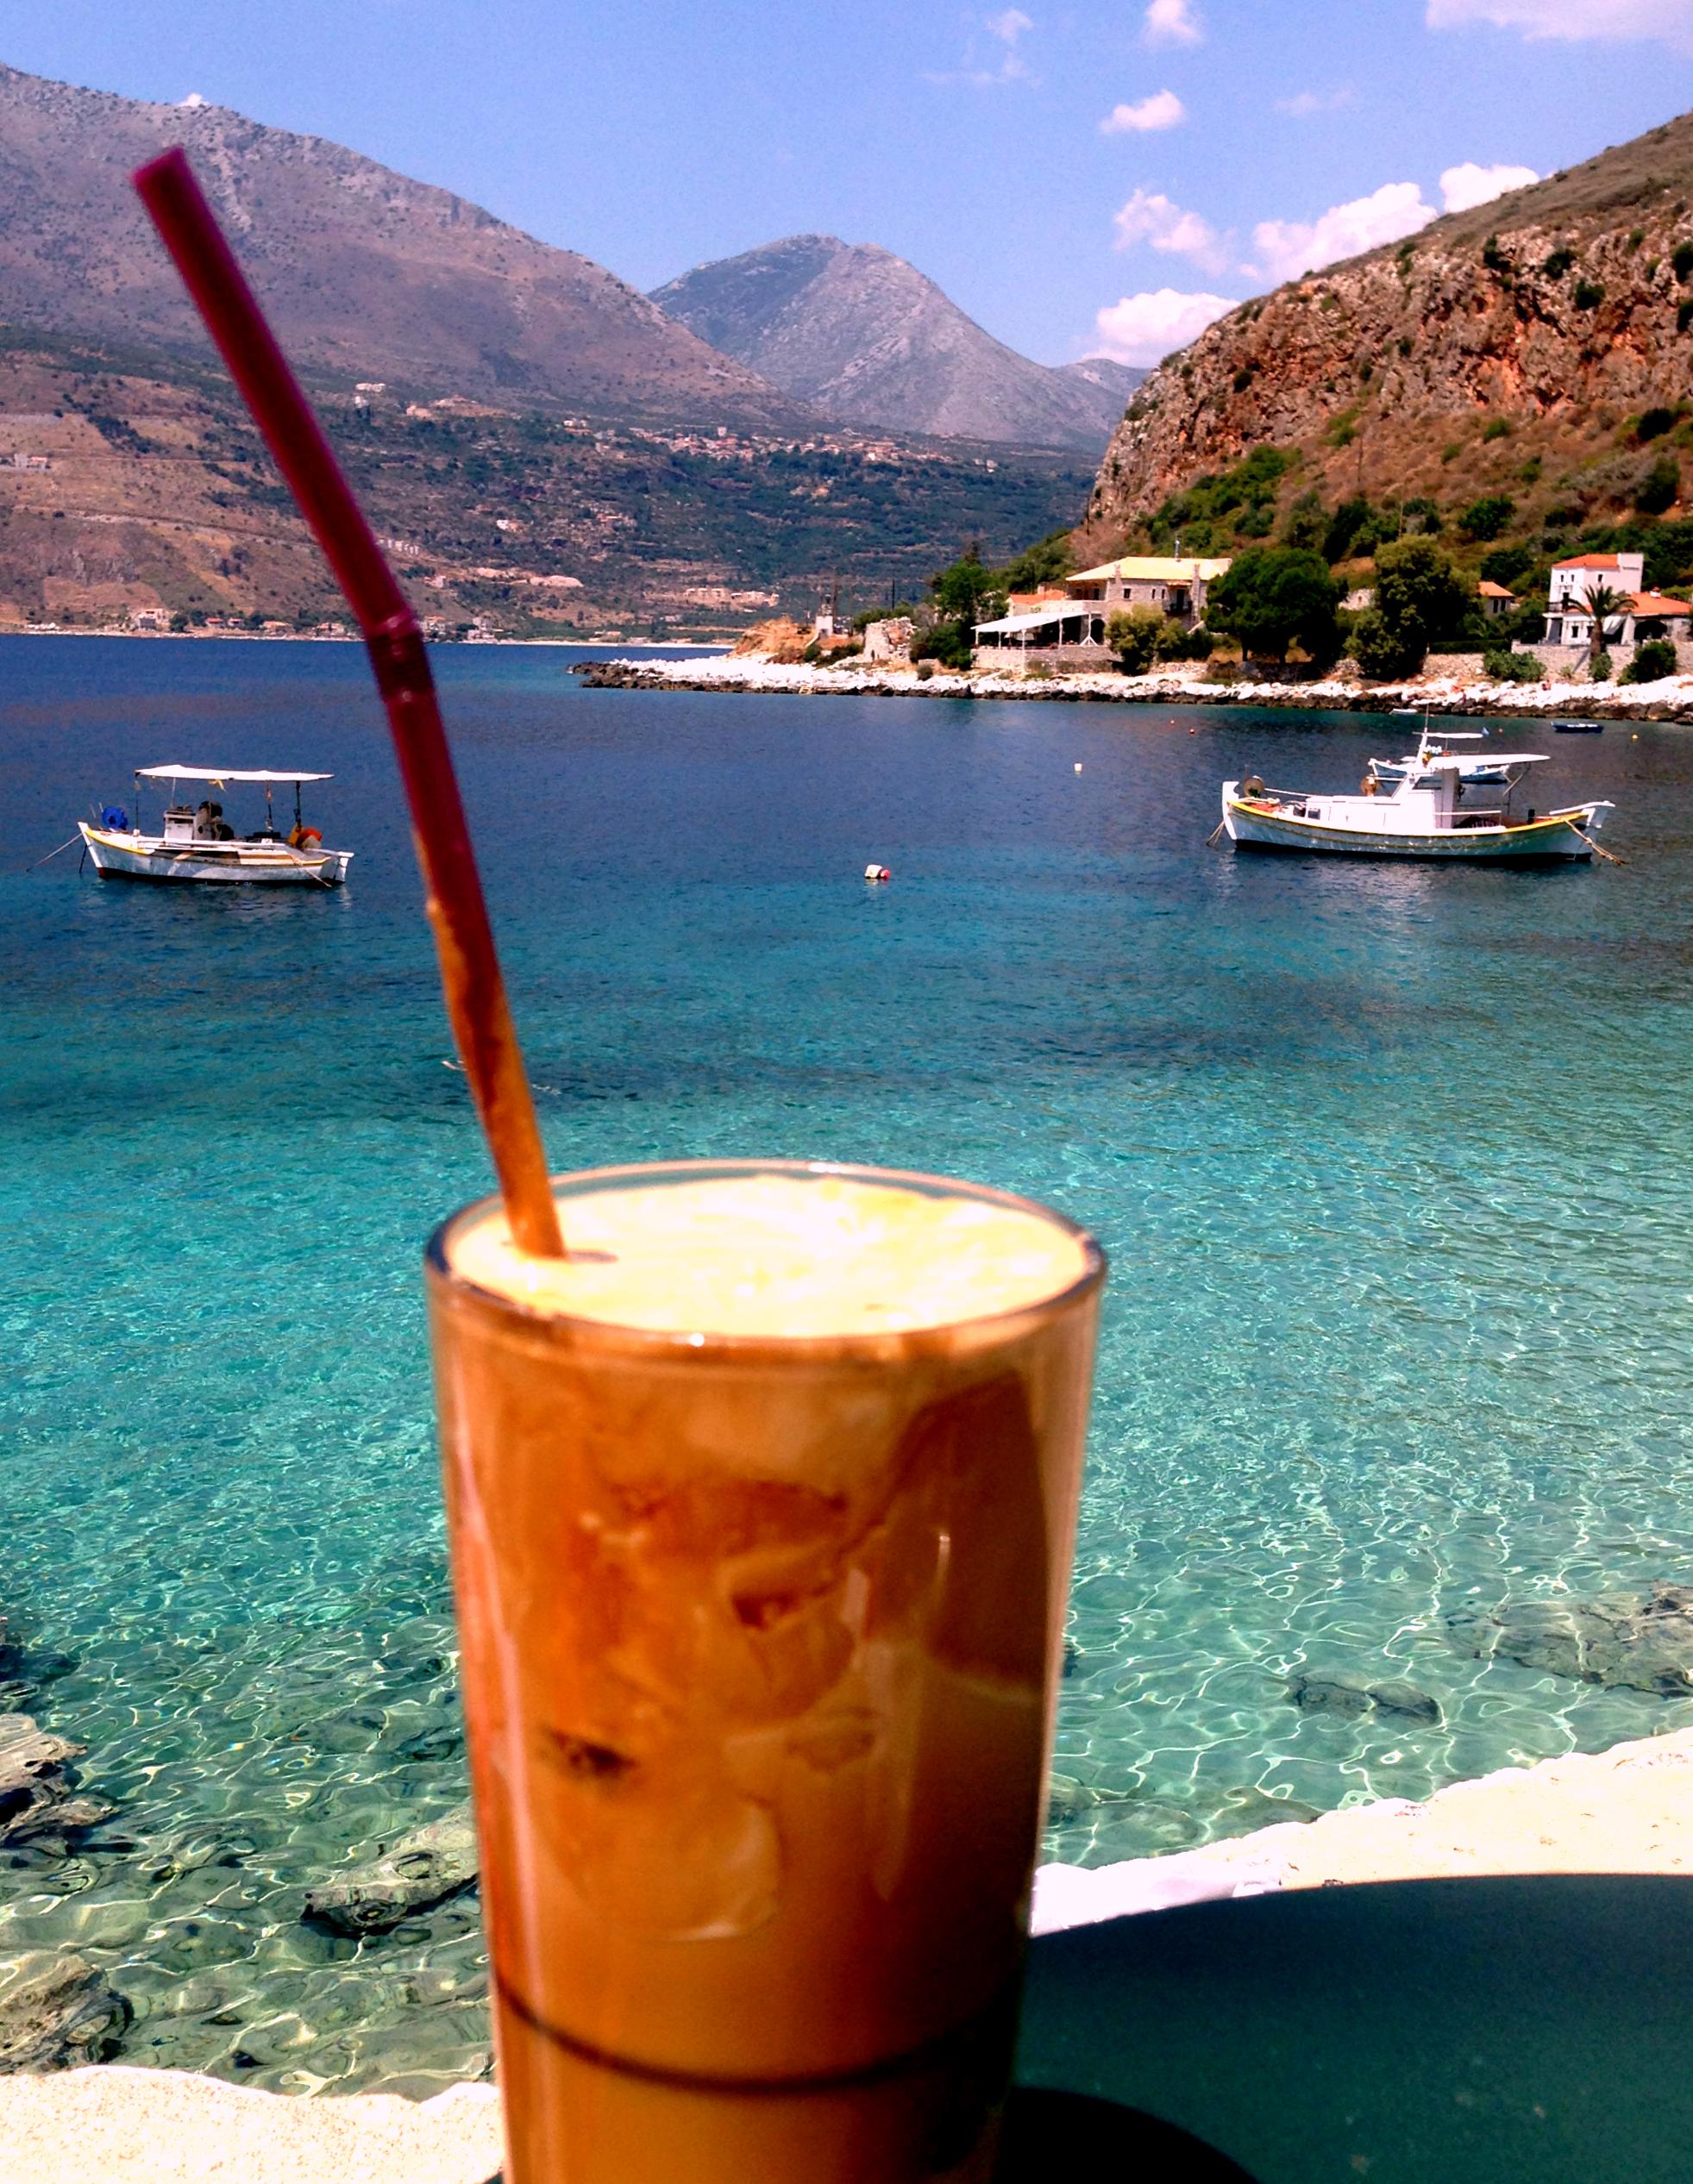 Caffe Frappe at Limeni